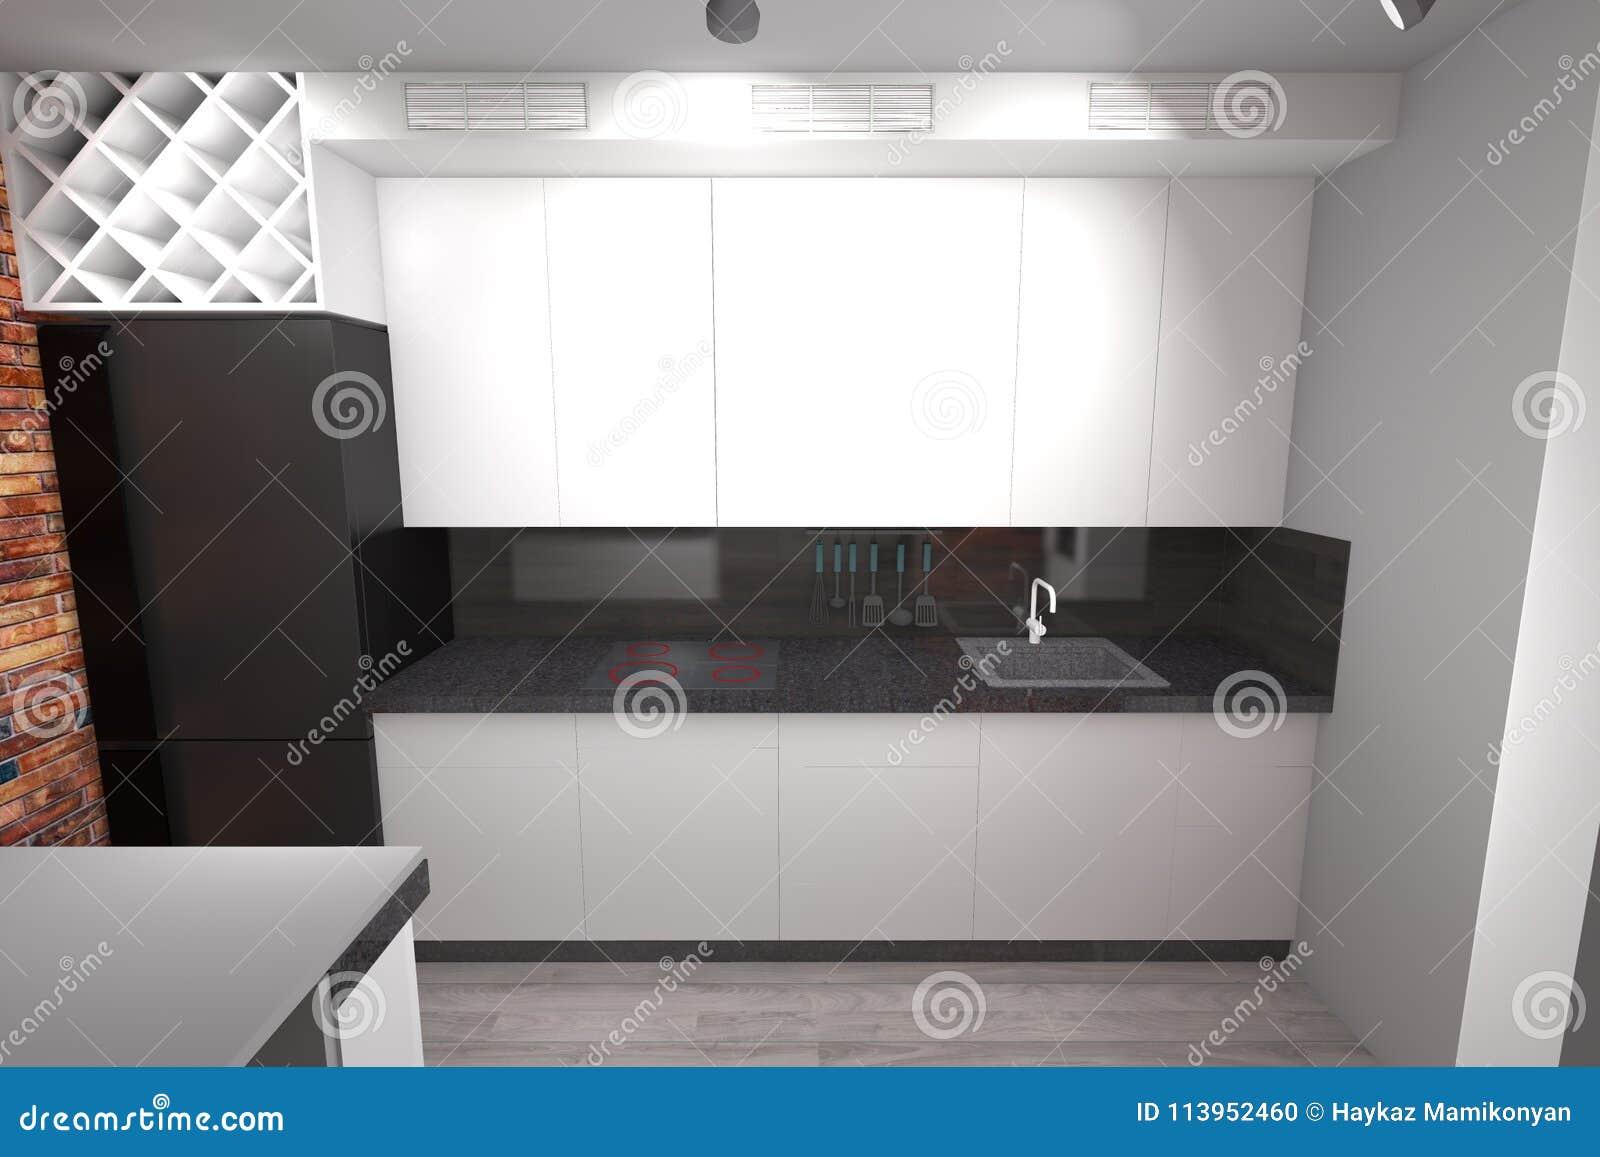 Conception De La Cuisine 3d Moderne Illustration Stock